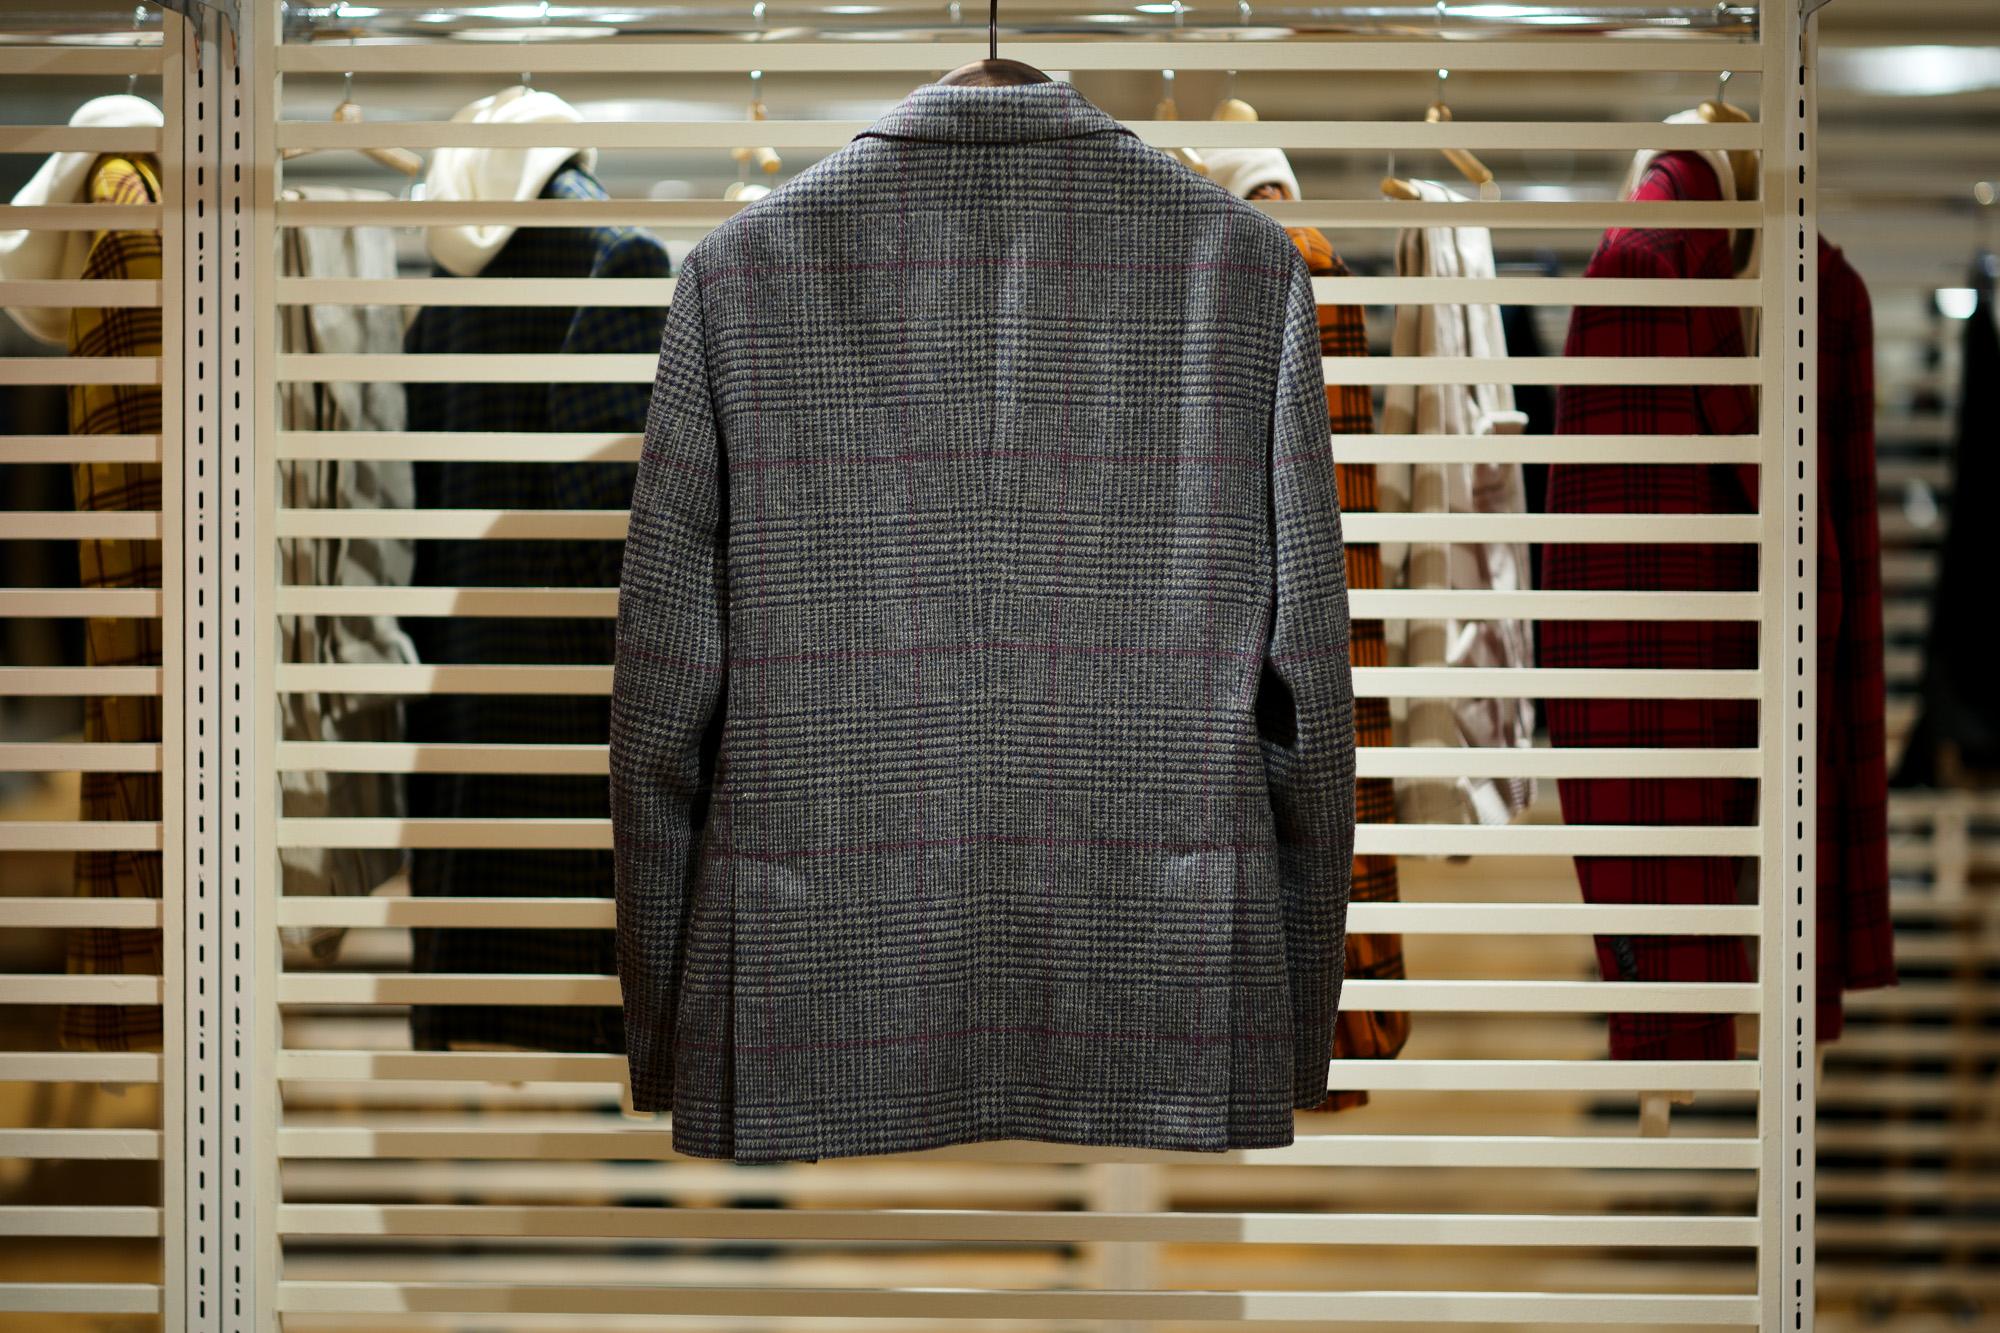 LARDINI / ラルディーニ (2020 秋冬 プレ展示会) 愛知 名古屋 altoediritto アルトエデリット スーツ ジャケット カシミヤ 黒のジャケット 黒のカシミヤジャケット